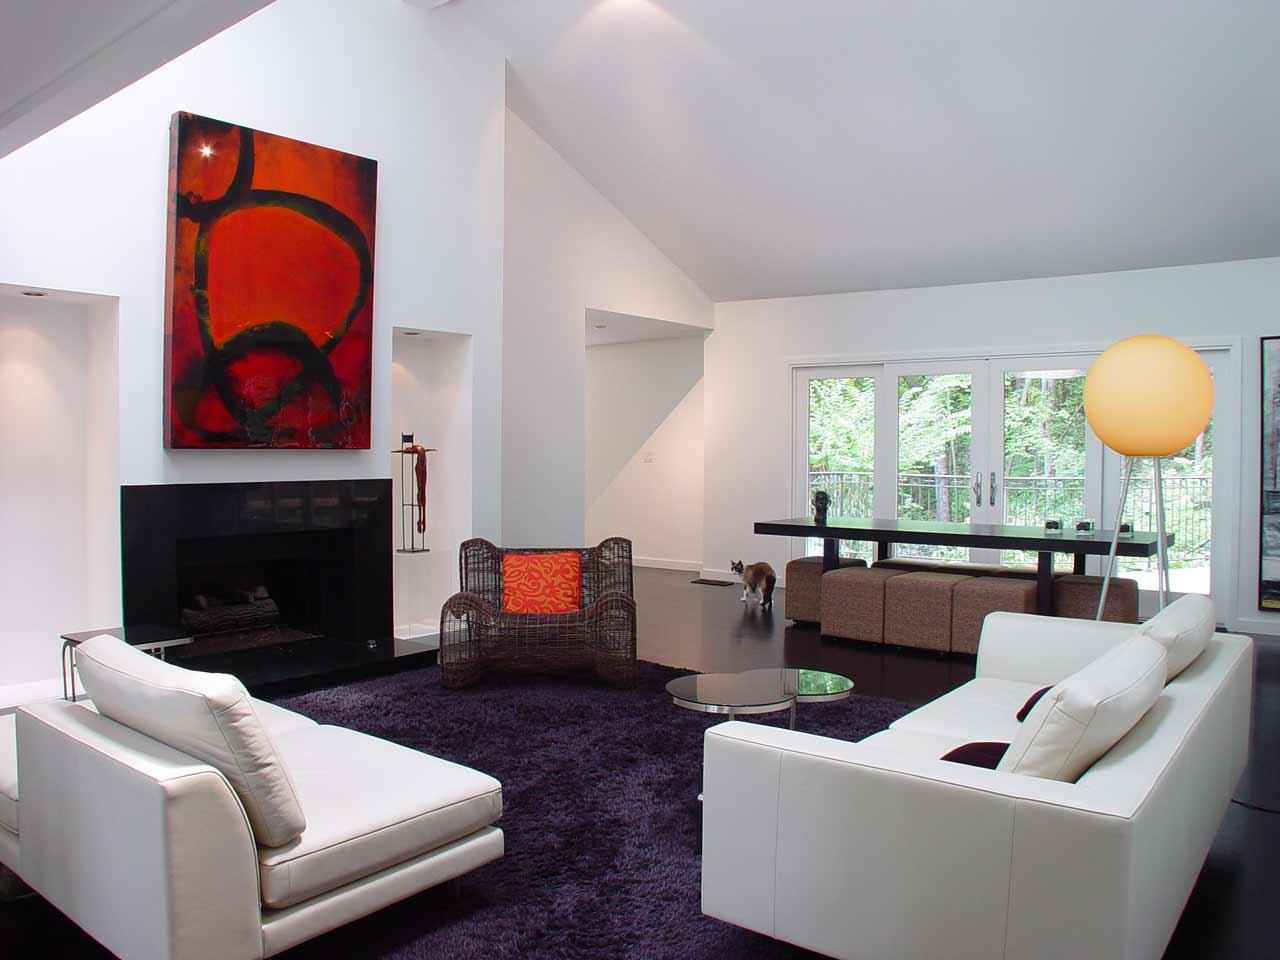 ShawFloors.com - Shaw Floors: Carpet, Hardwood Flooring, Tile, Rug